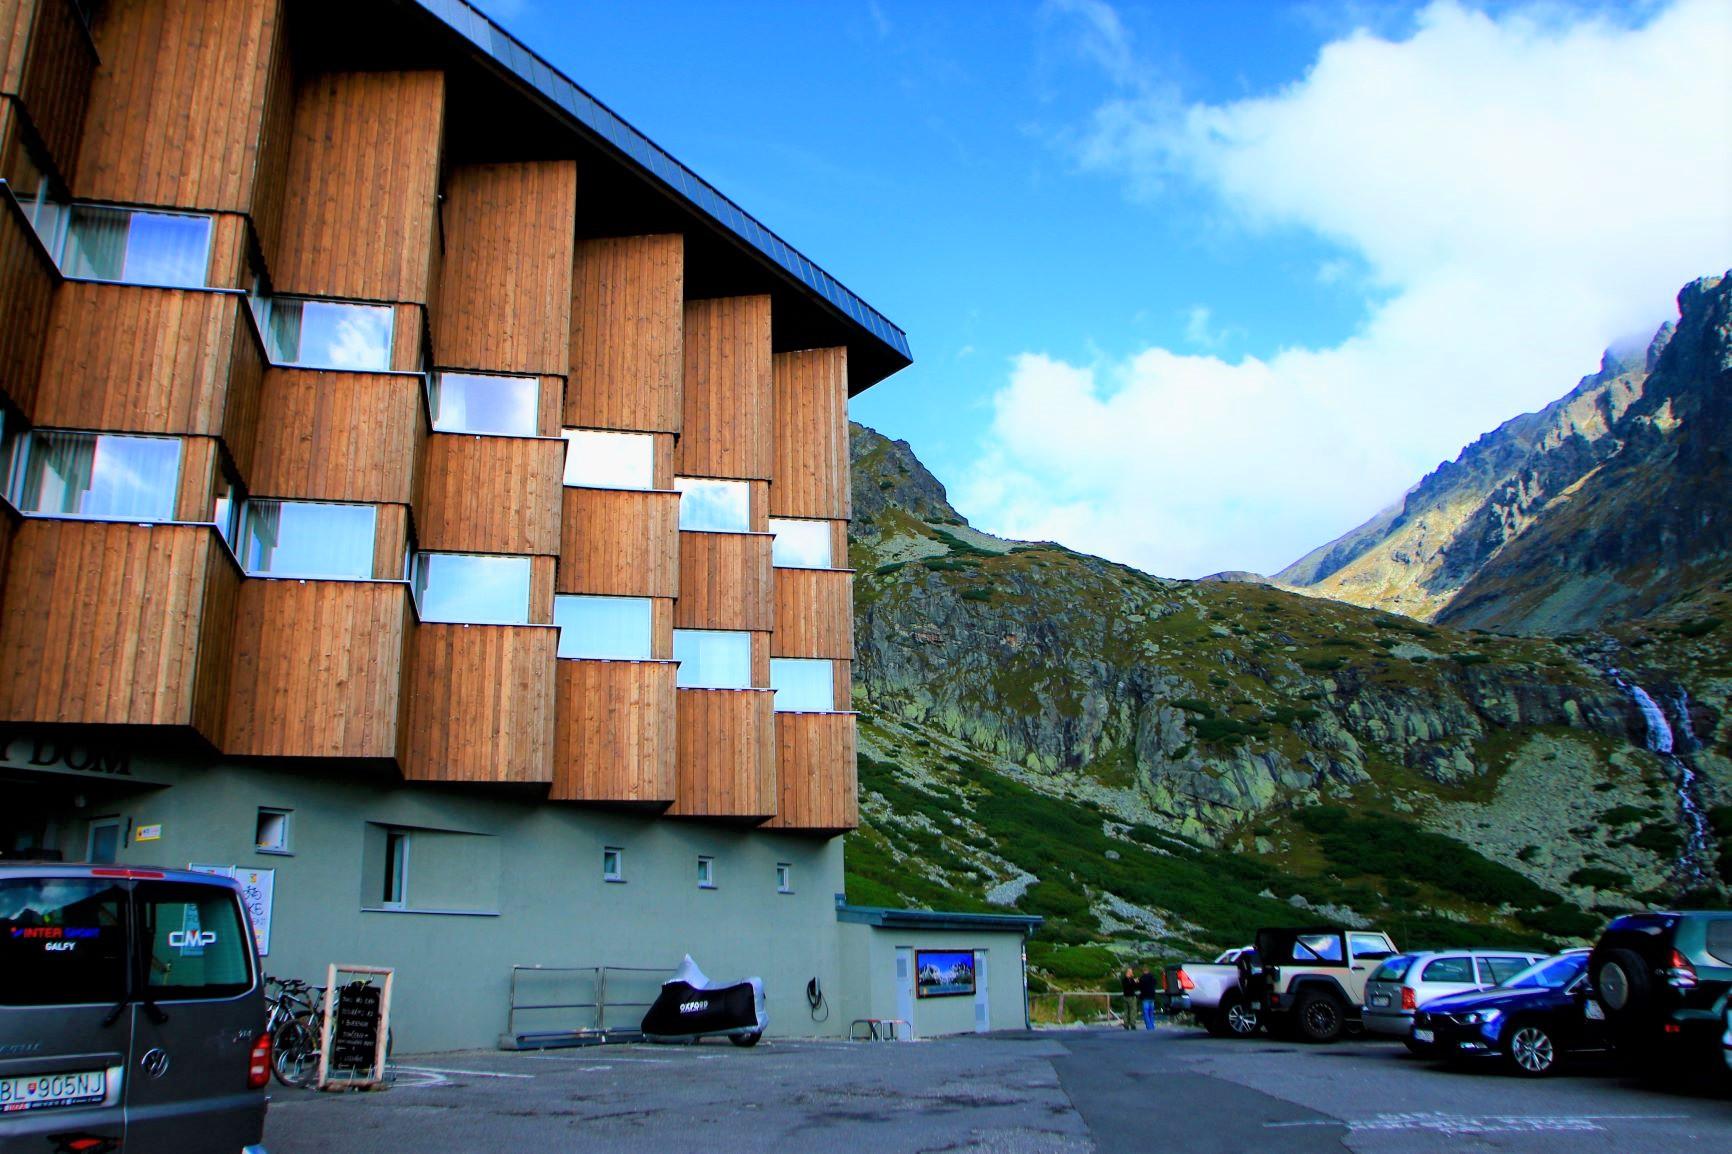 絶景に囲まれた山岳リゾートホテルに連泊で宿泊